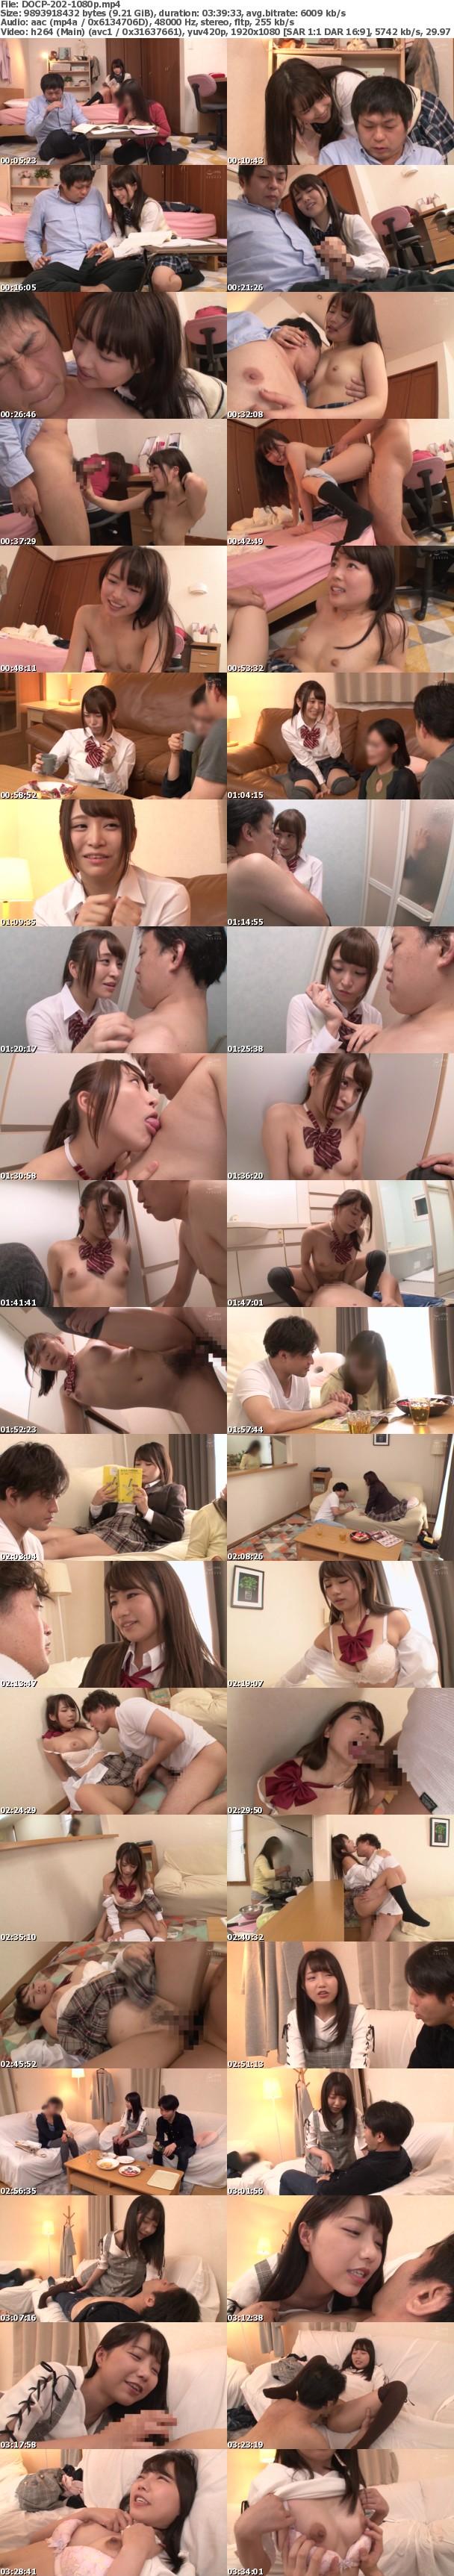 (Full HD) DOCP-202 すぐそばに彼女がいるのに、耳元で淫語をささやき小悪魔誘惑してくる彼女の妹。